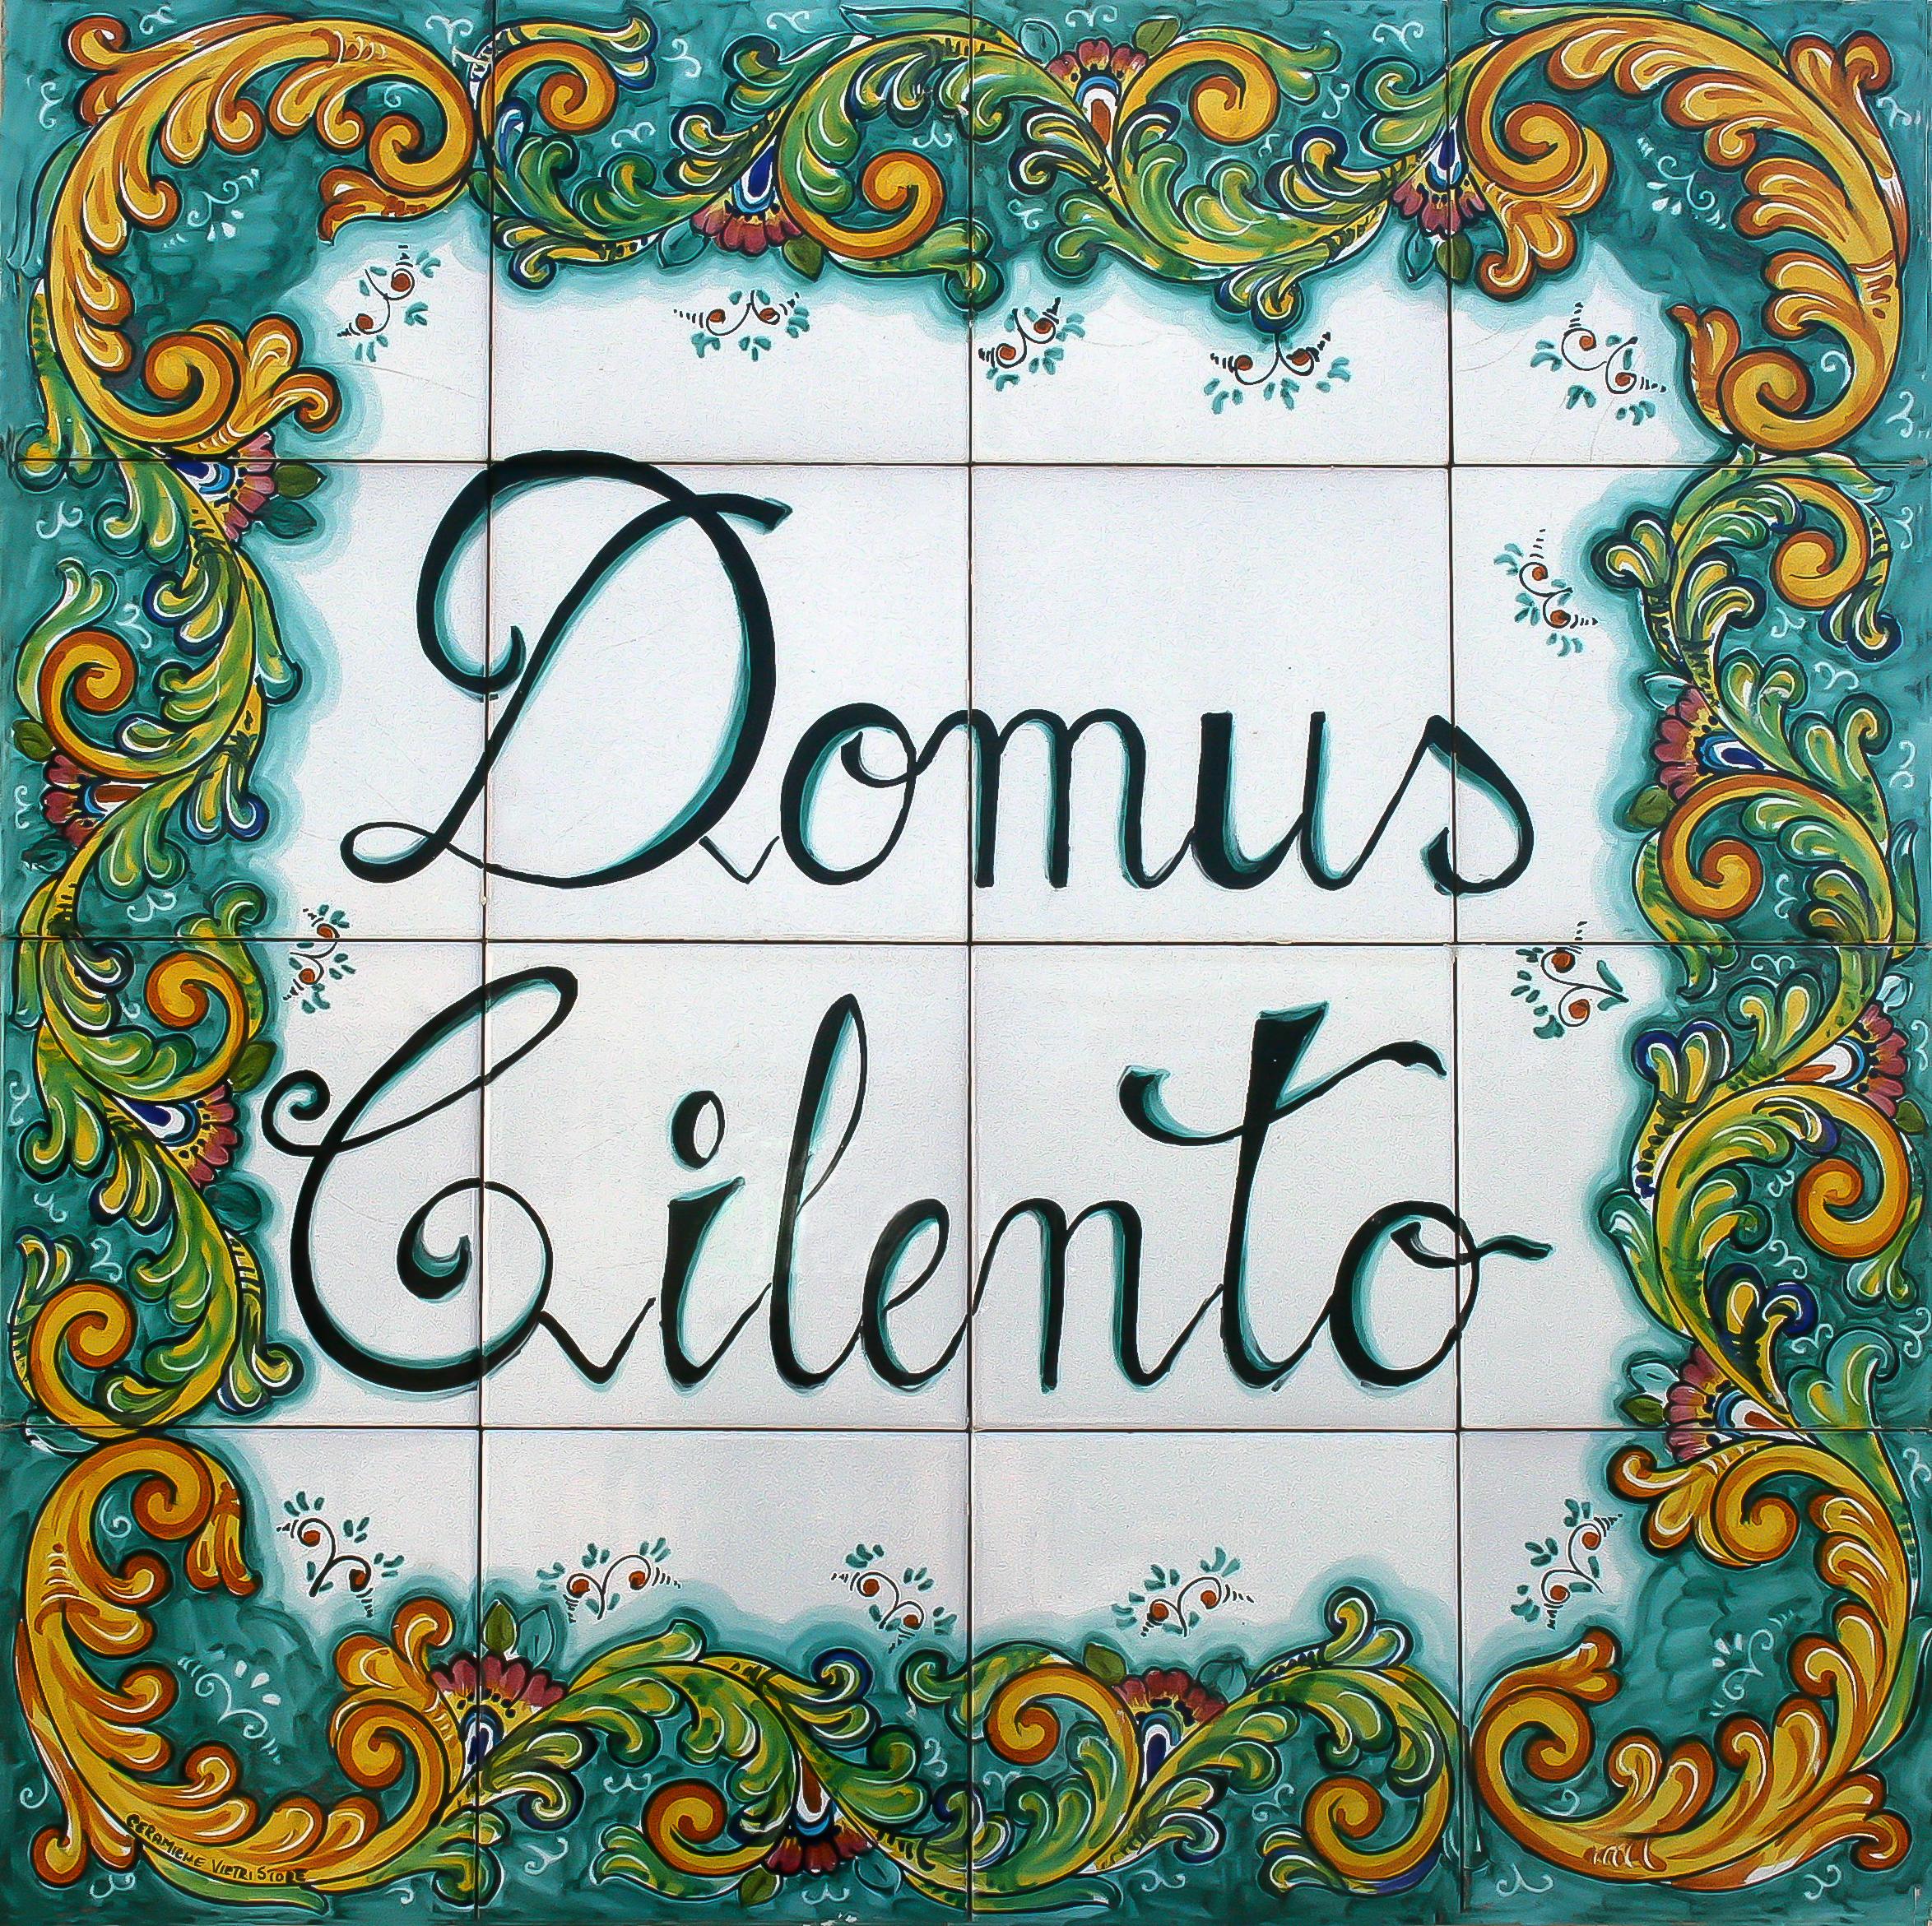 Domus Cilento